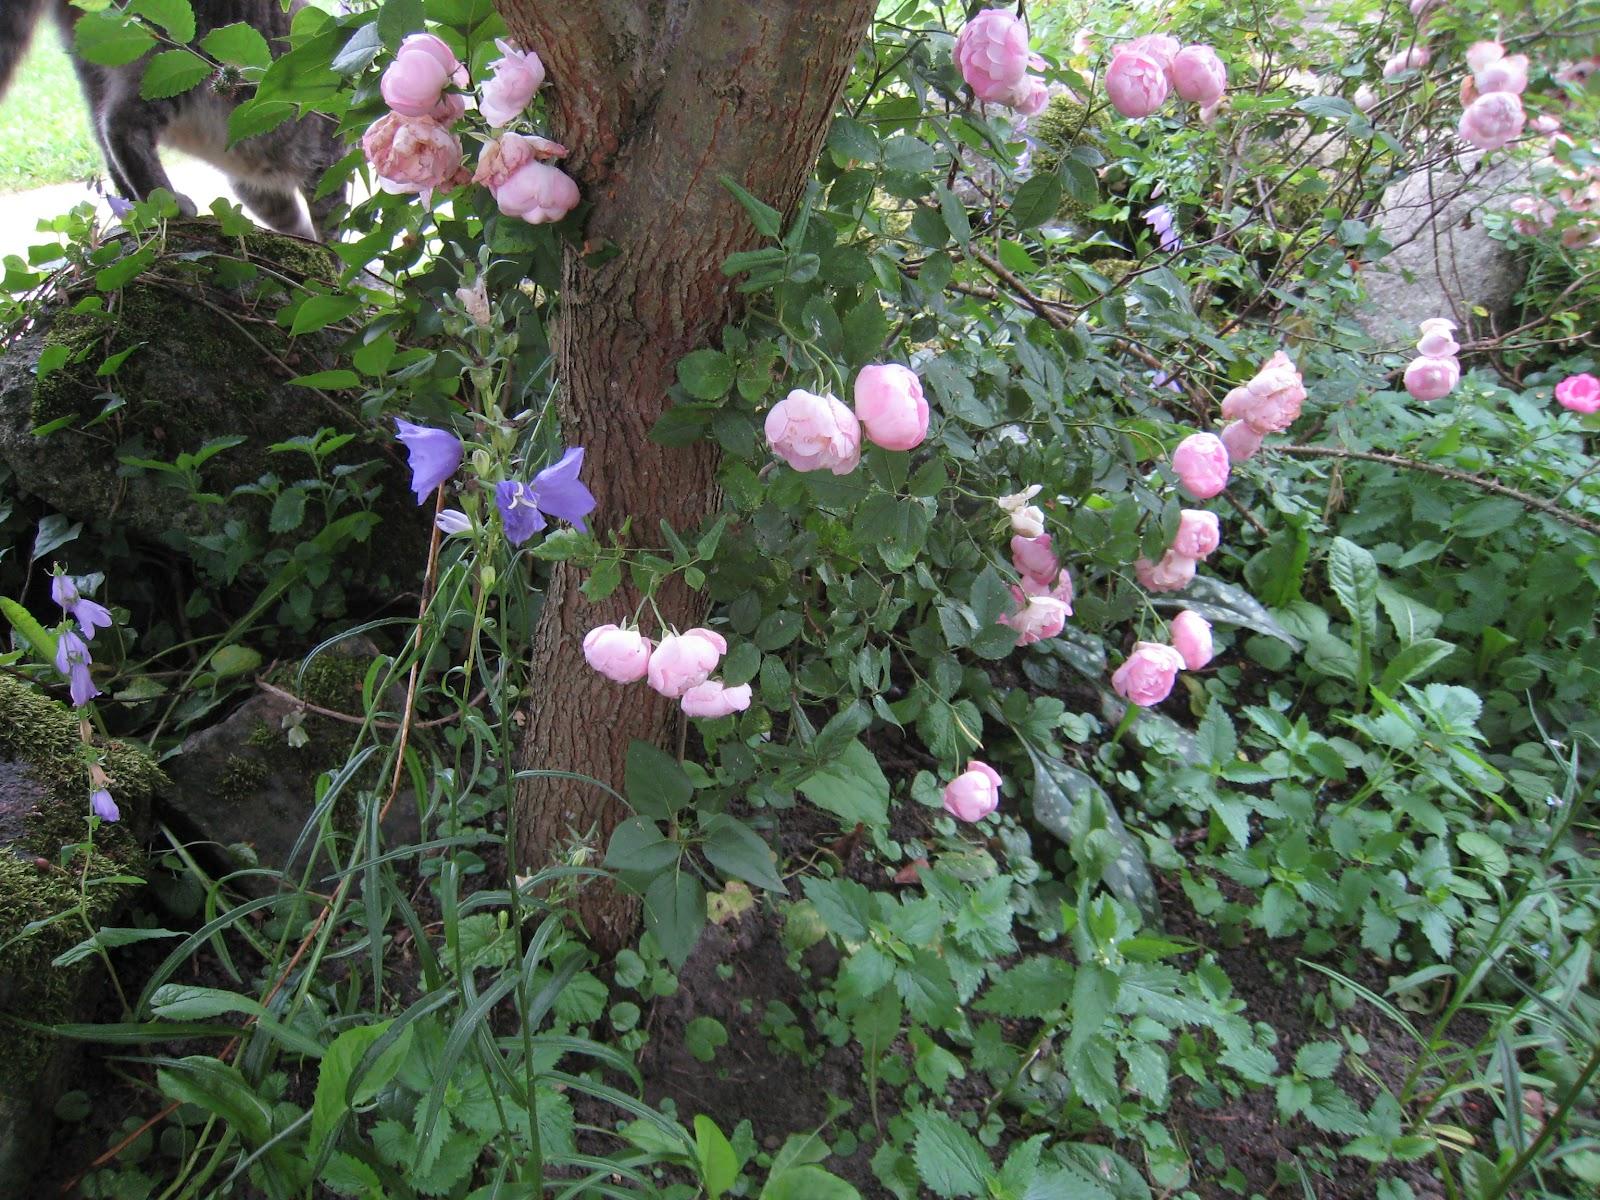 Mariehem i Skåne: Rosorna blommar på